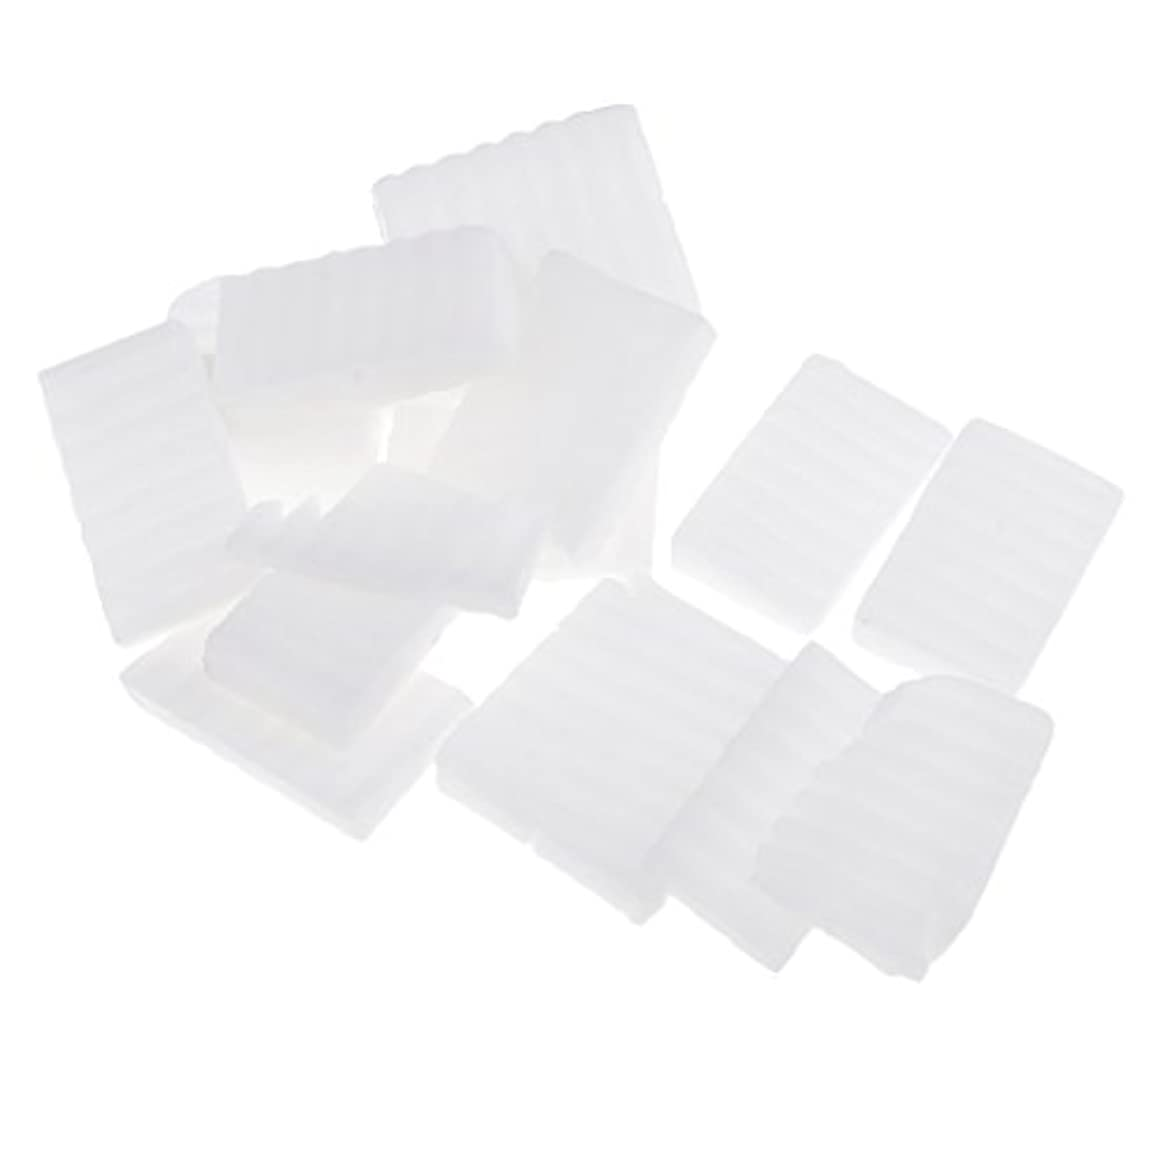 行為帳面上向きHomyl 約500g ホワイト 石鹸ベース DIY 手作り 石鹸 材料